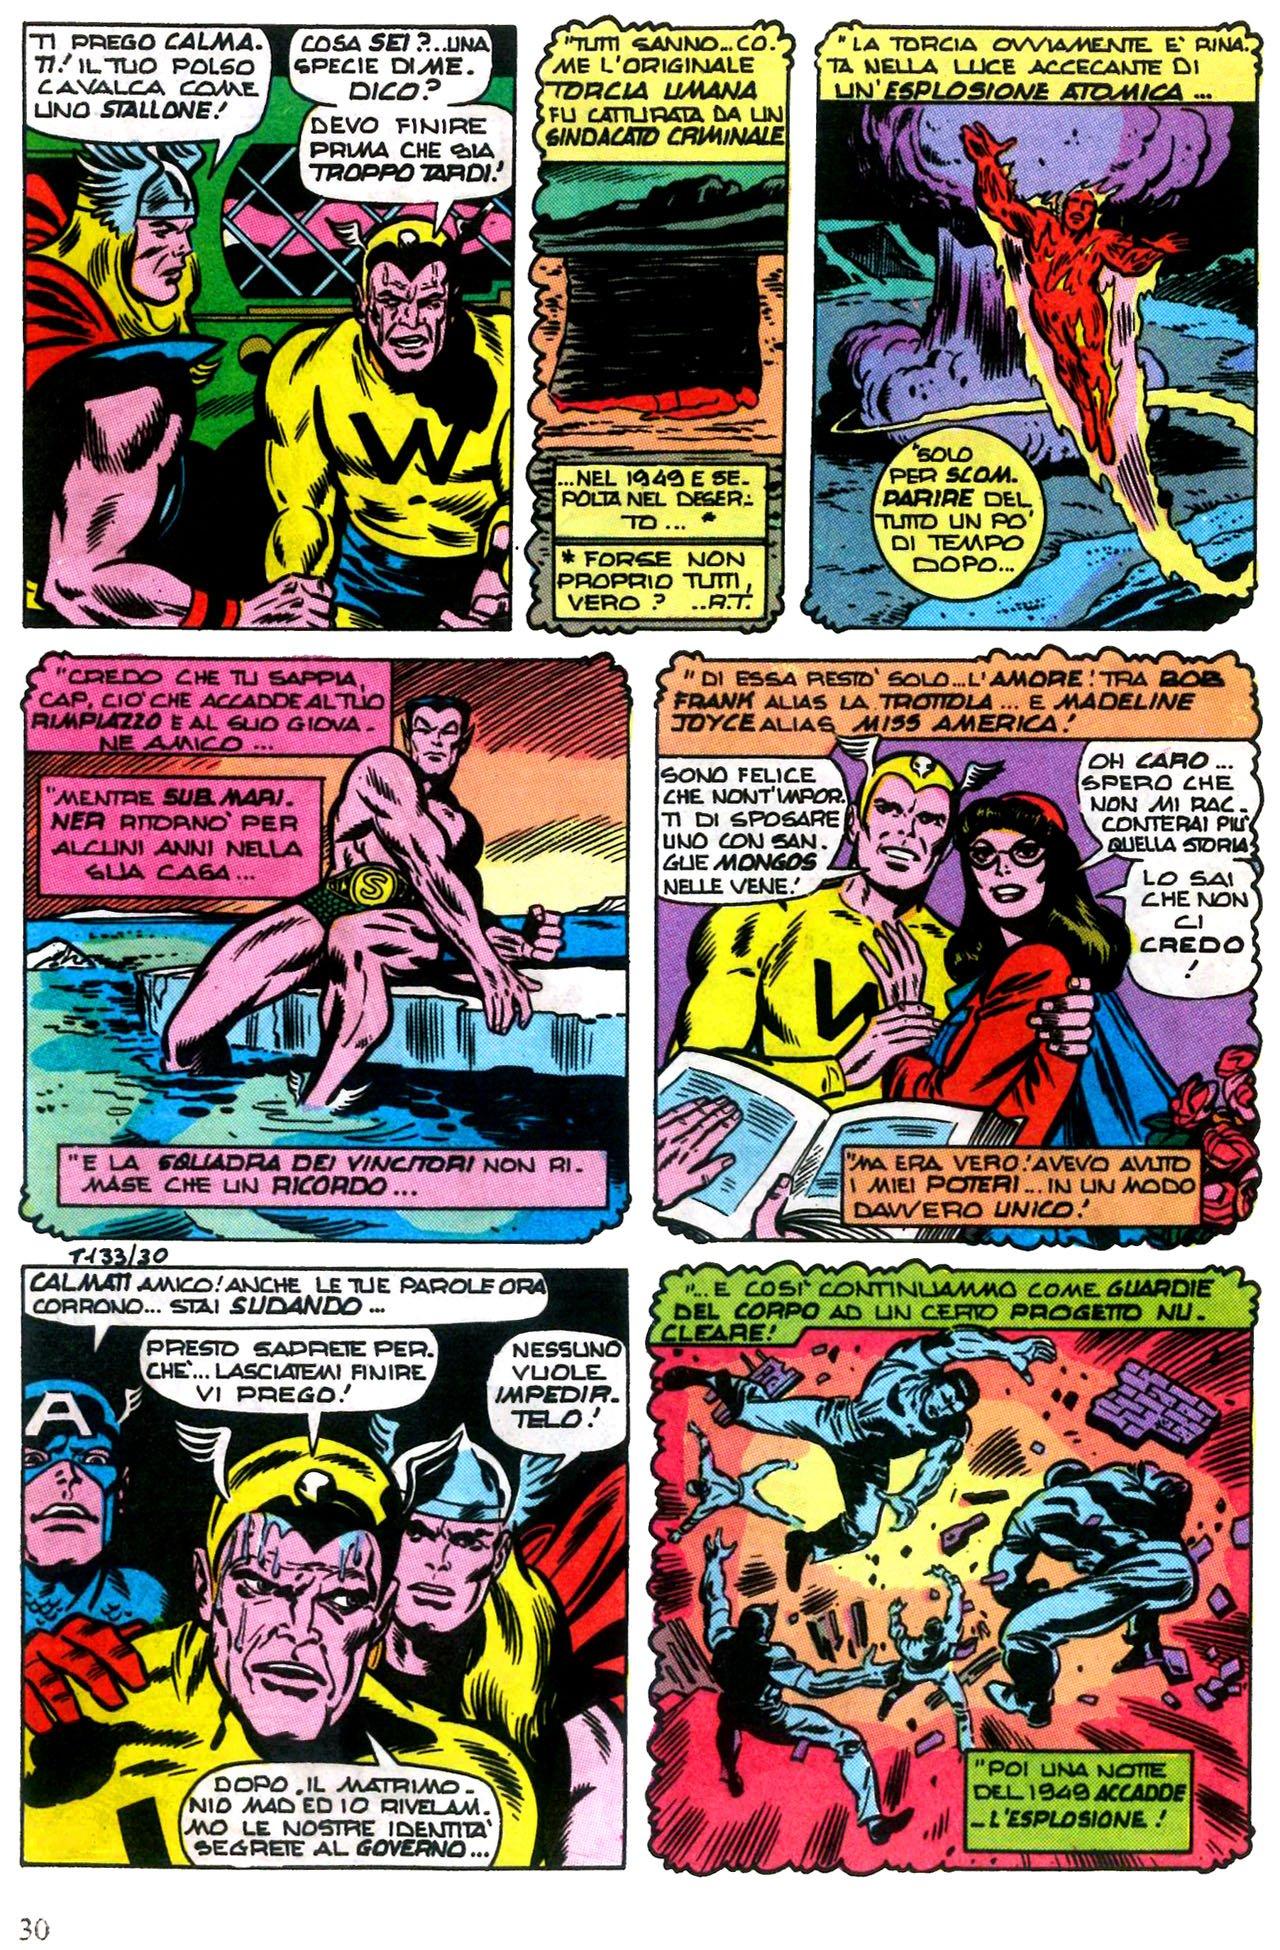 """Mitica tavola a fumetti estratta dalla collana """"il mitico thor n. 133"""" riassuntiva di alcuni fatti salienti nella vita di Robert Frank e Madeline Joyce."""